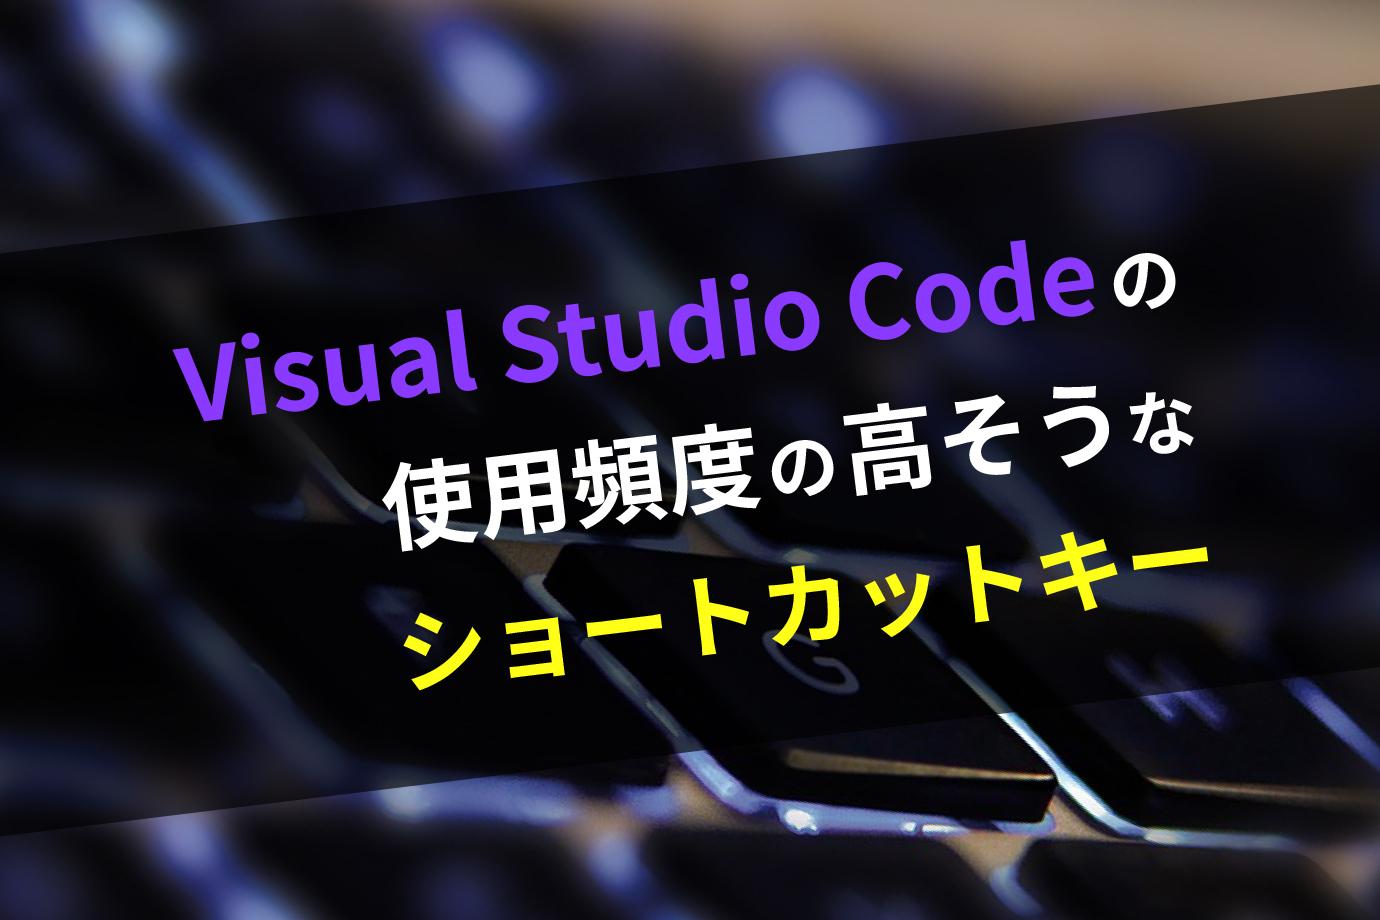 Visual Studio Codeの使用頻度の高そうなショートカットキー